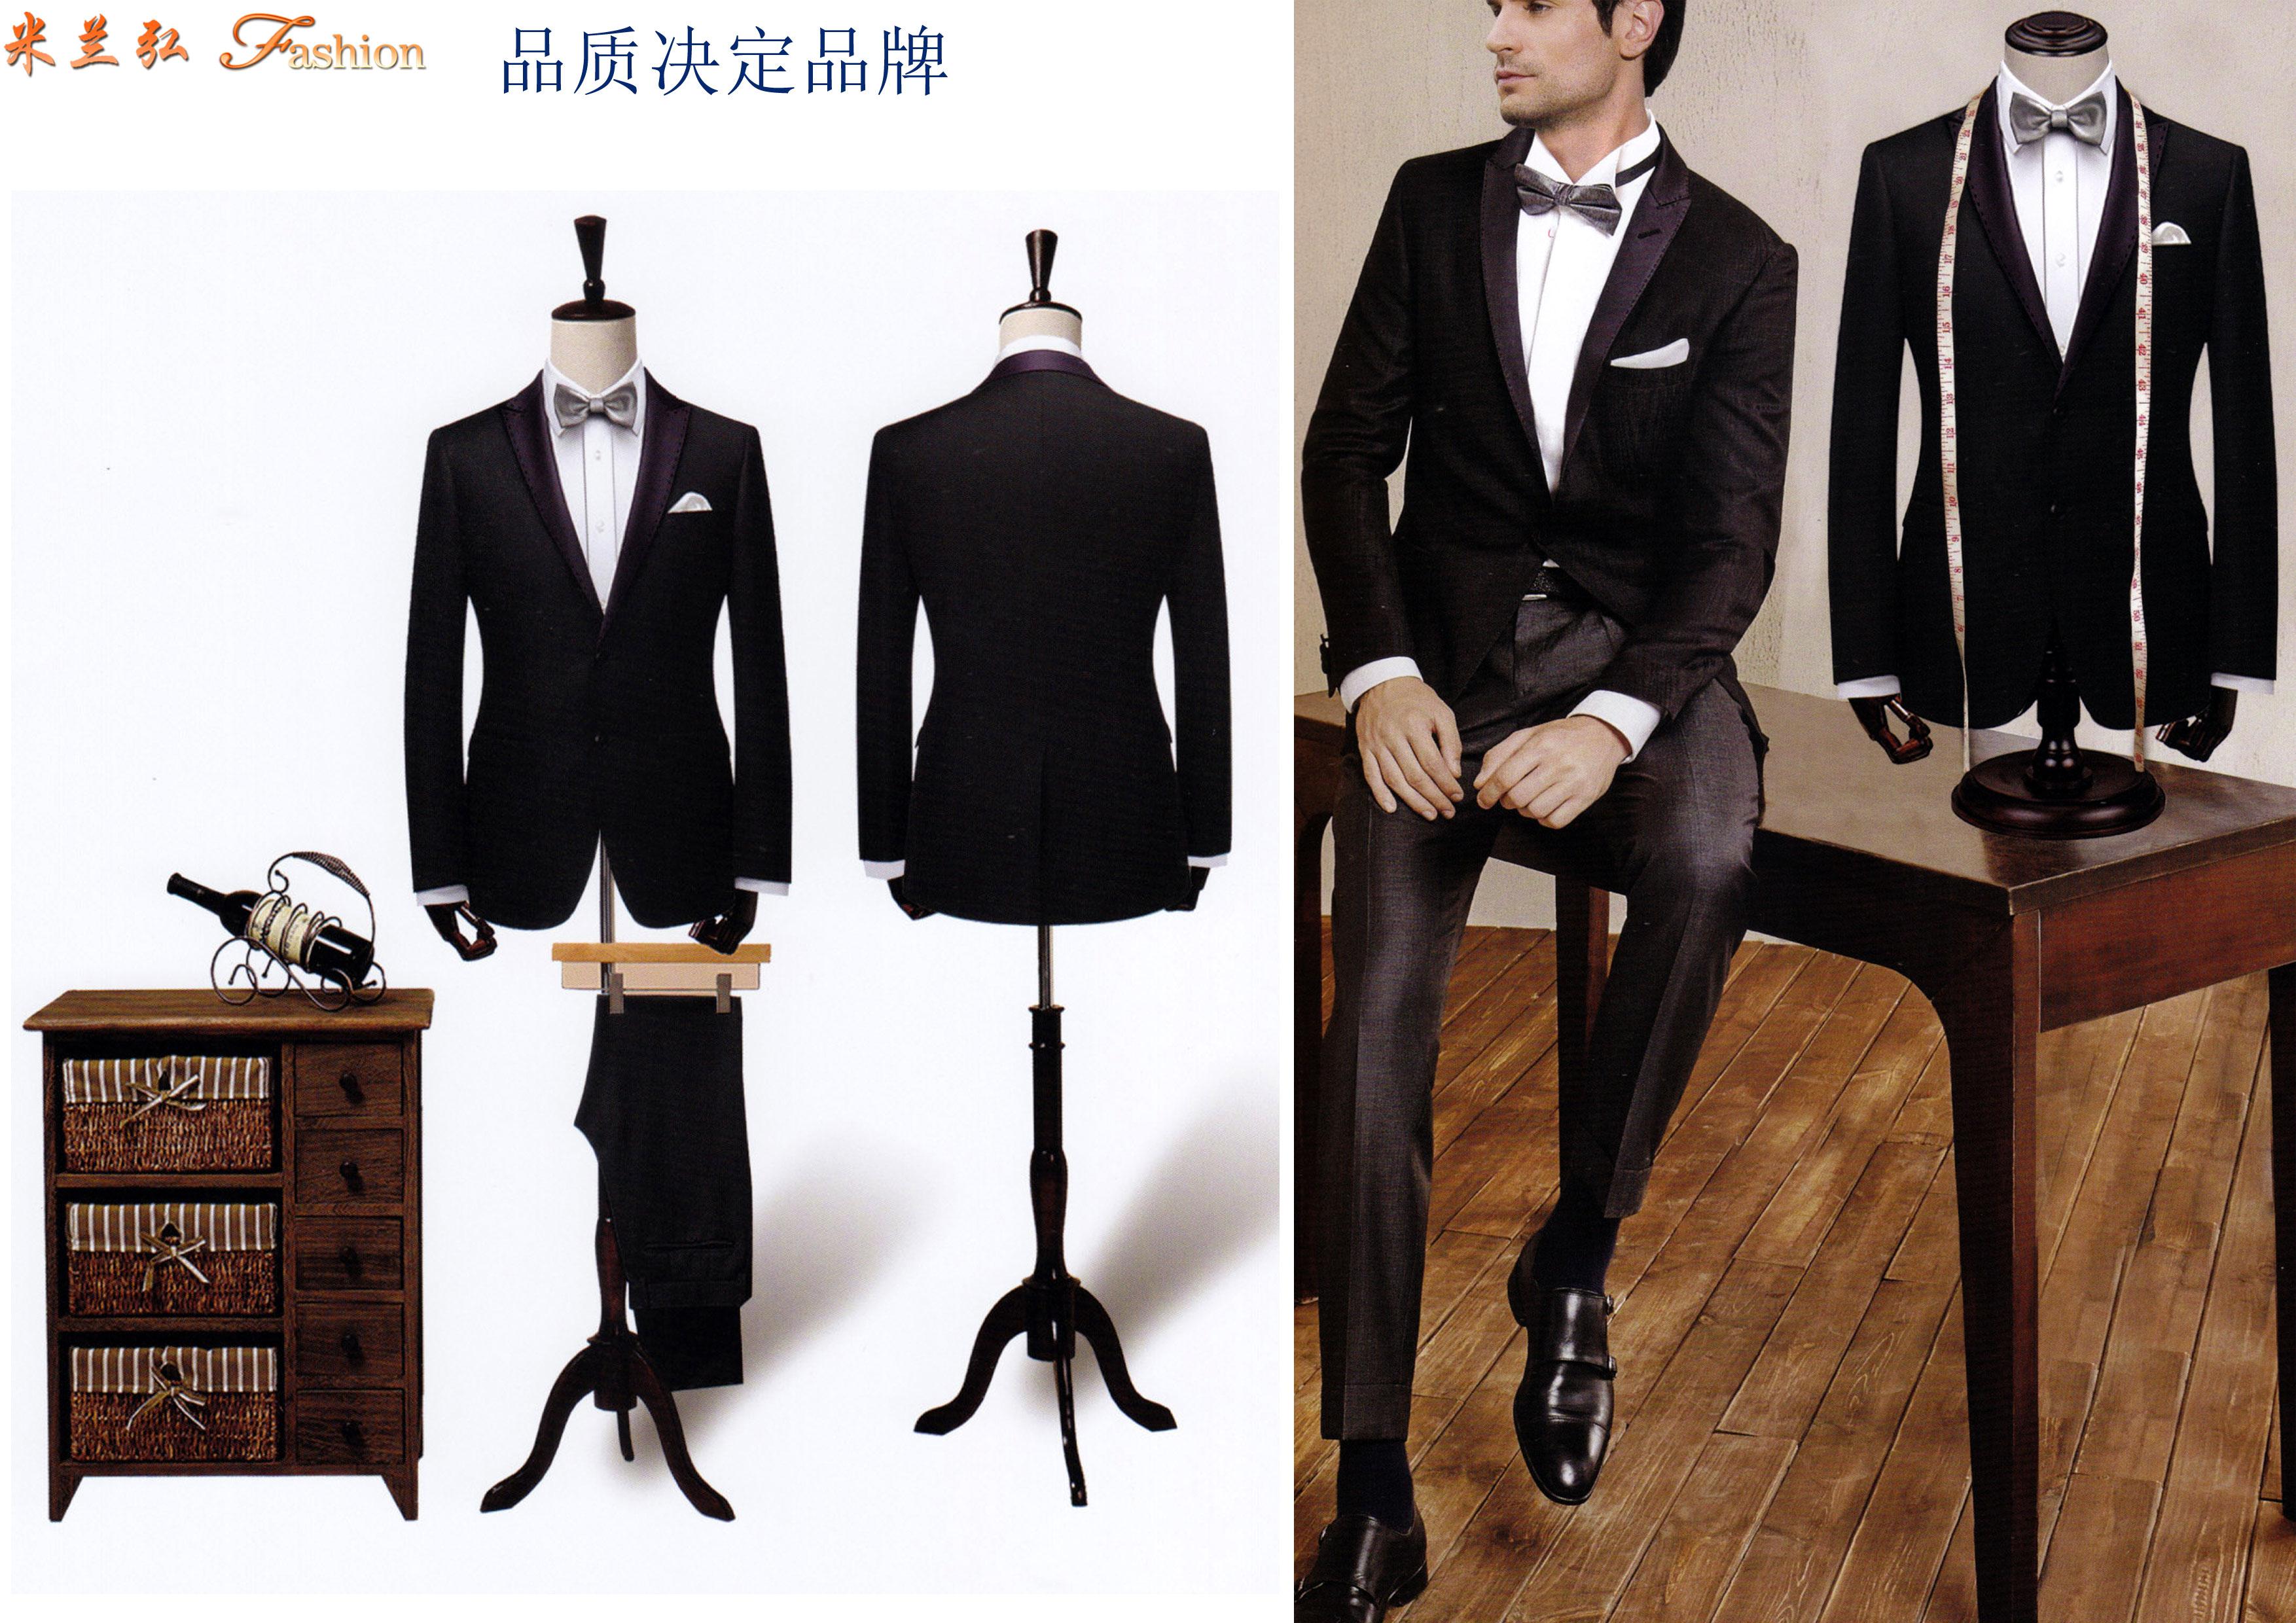 北京量身定制品牌西服_北京西裝定做_北京羊毛西服訂制-1